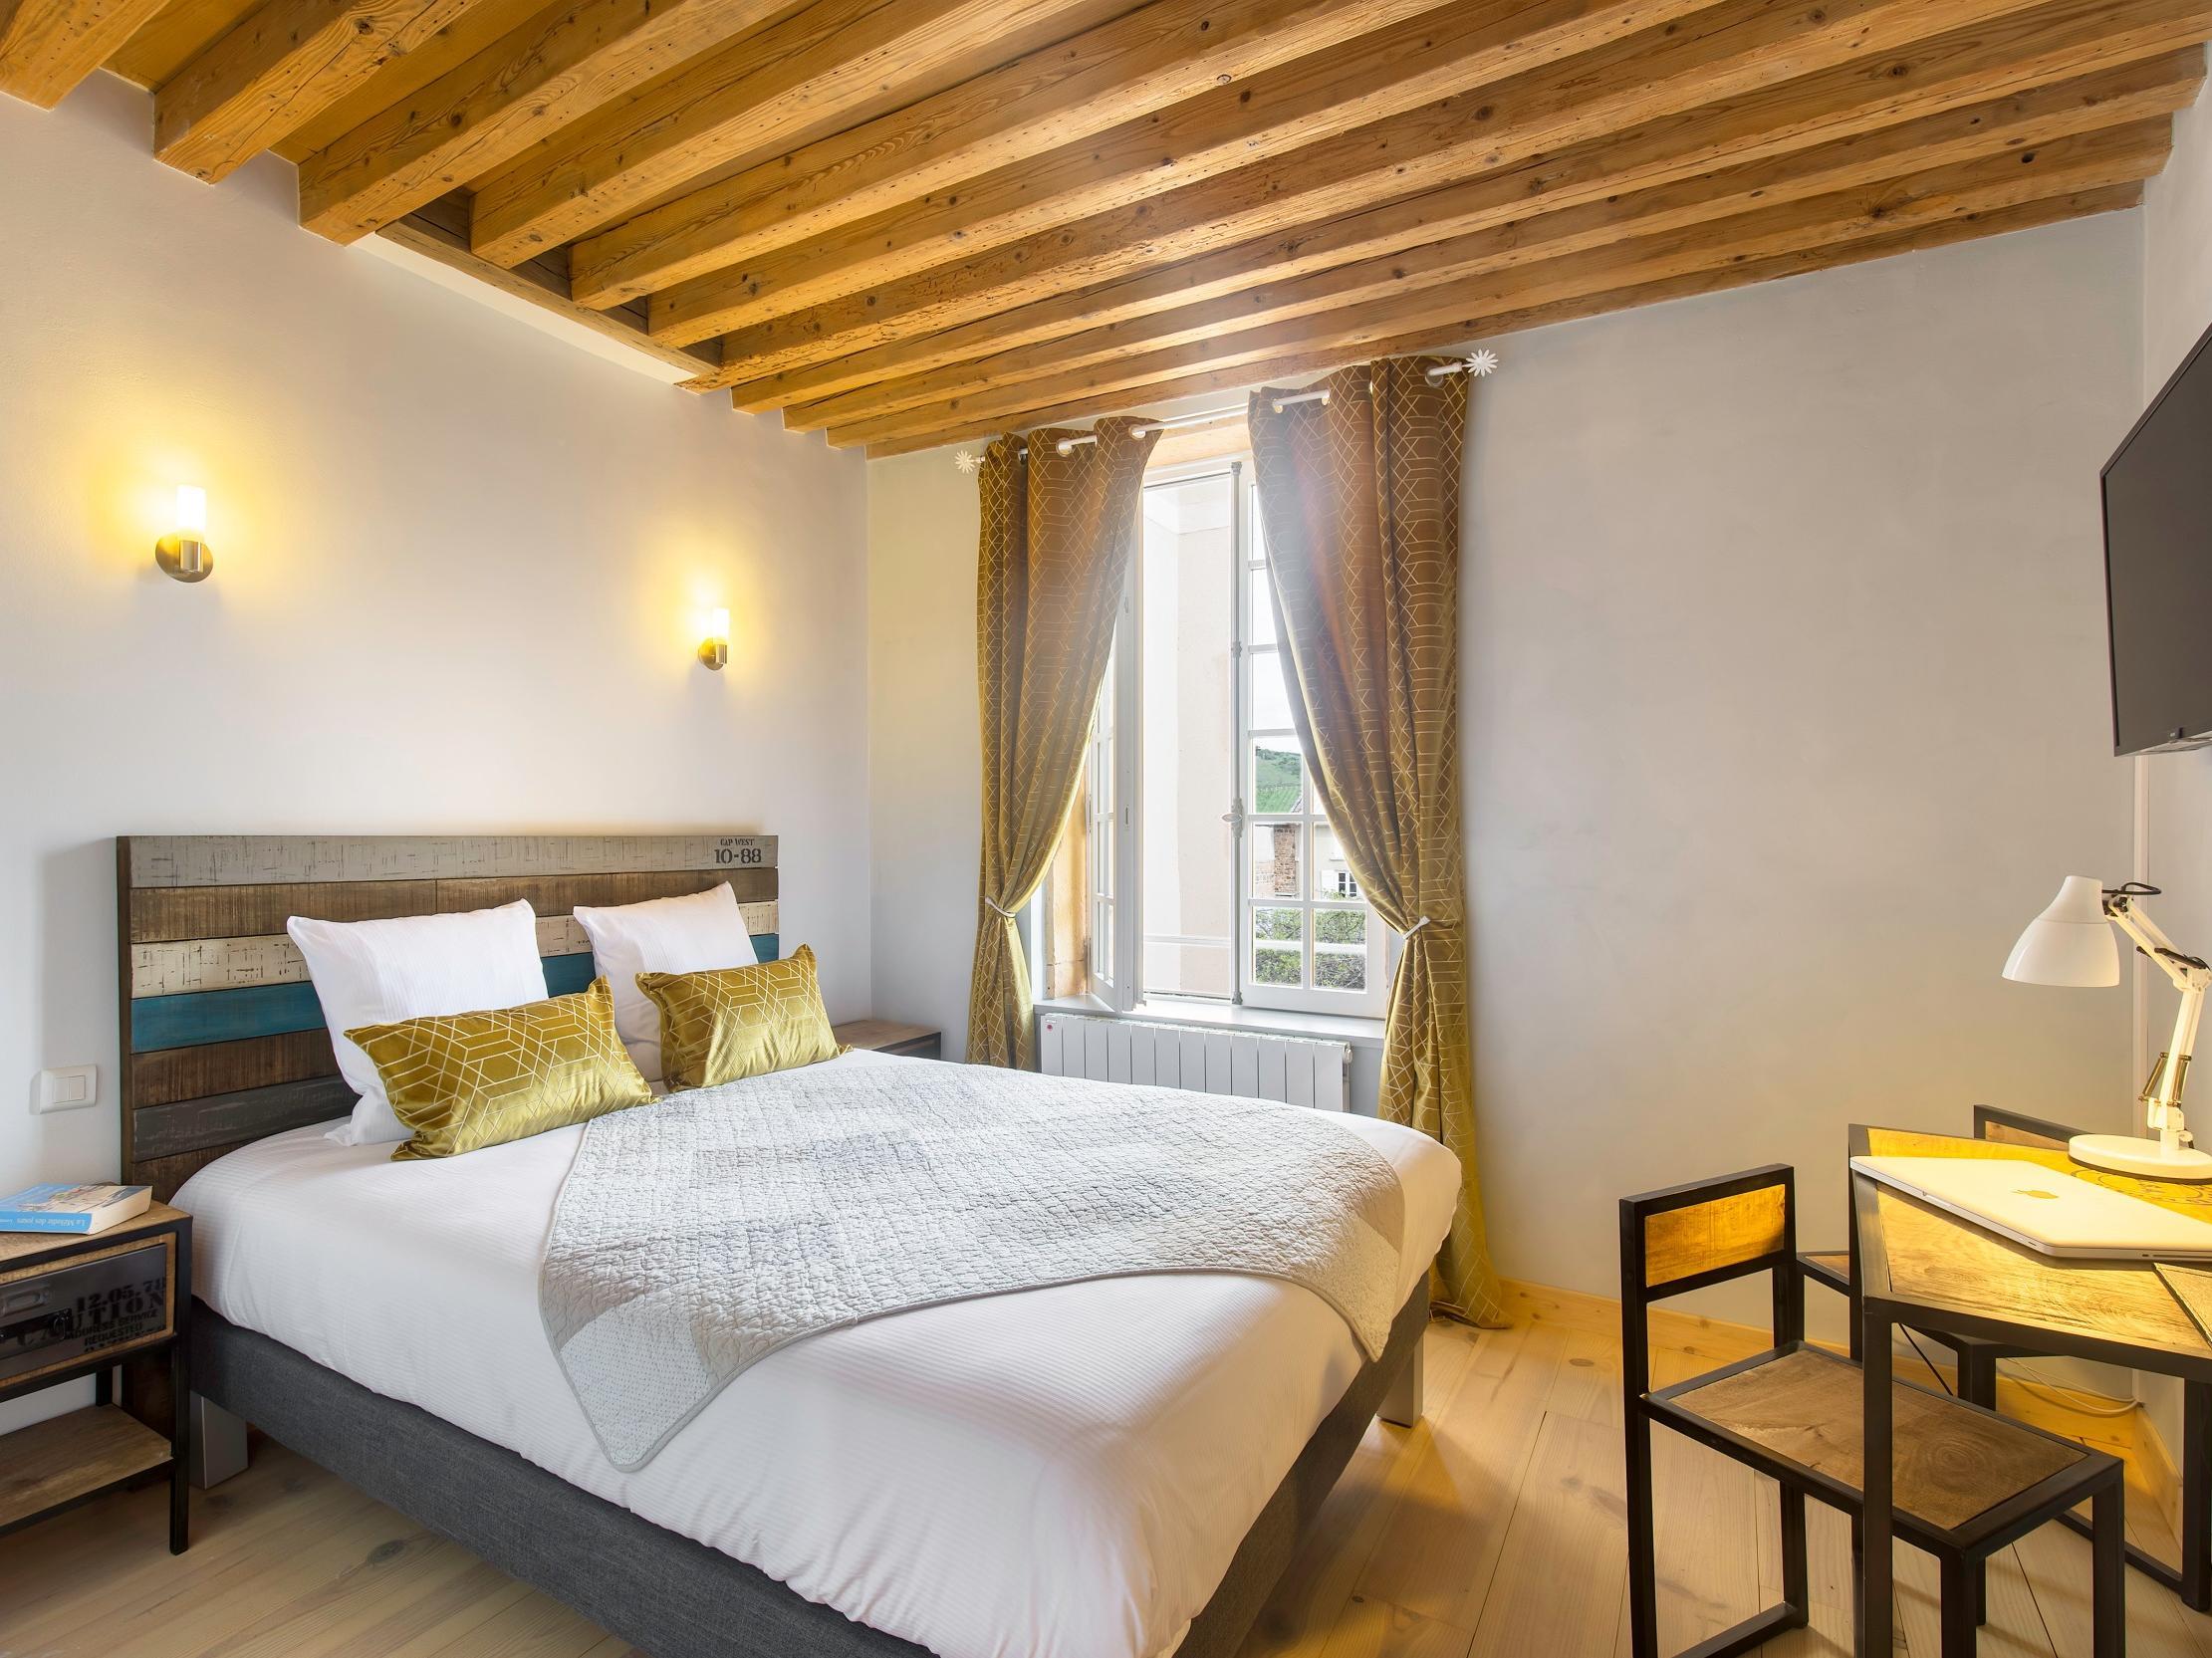 Hotel La Benoite Salles